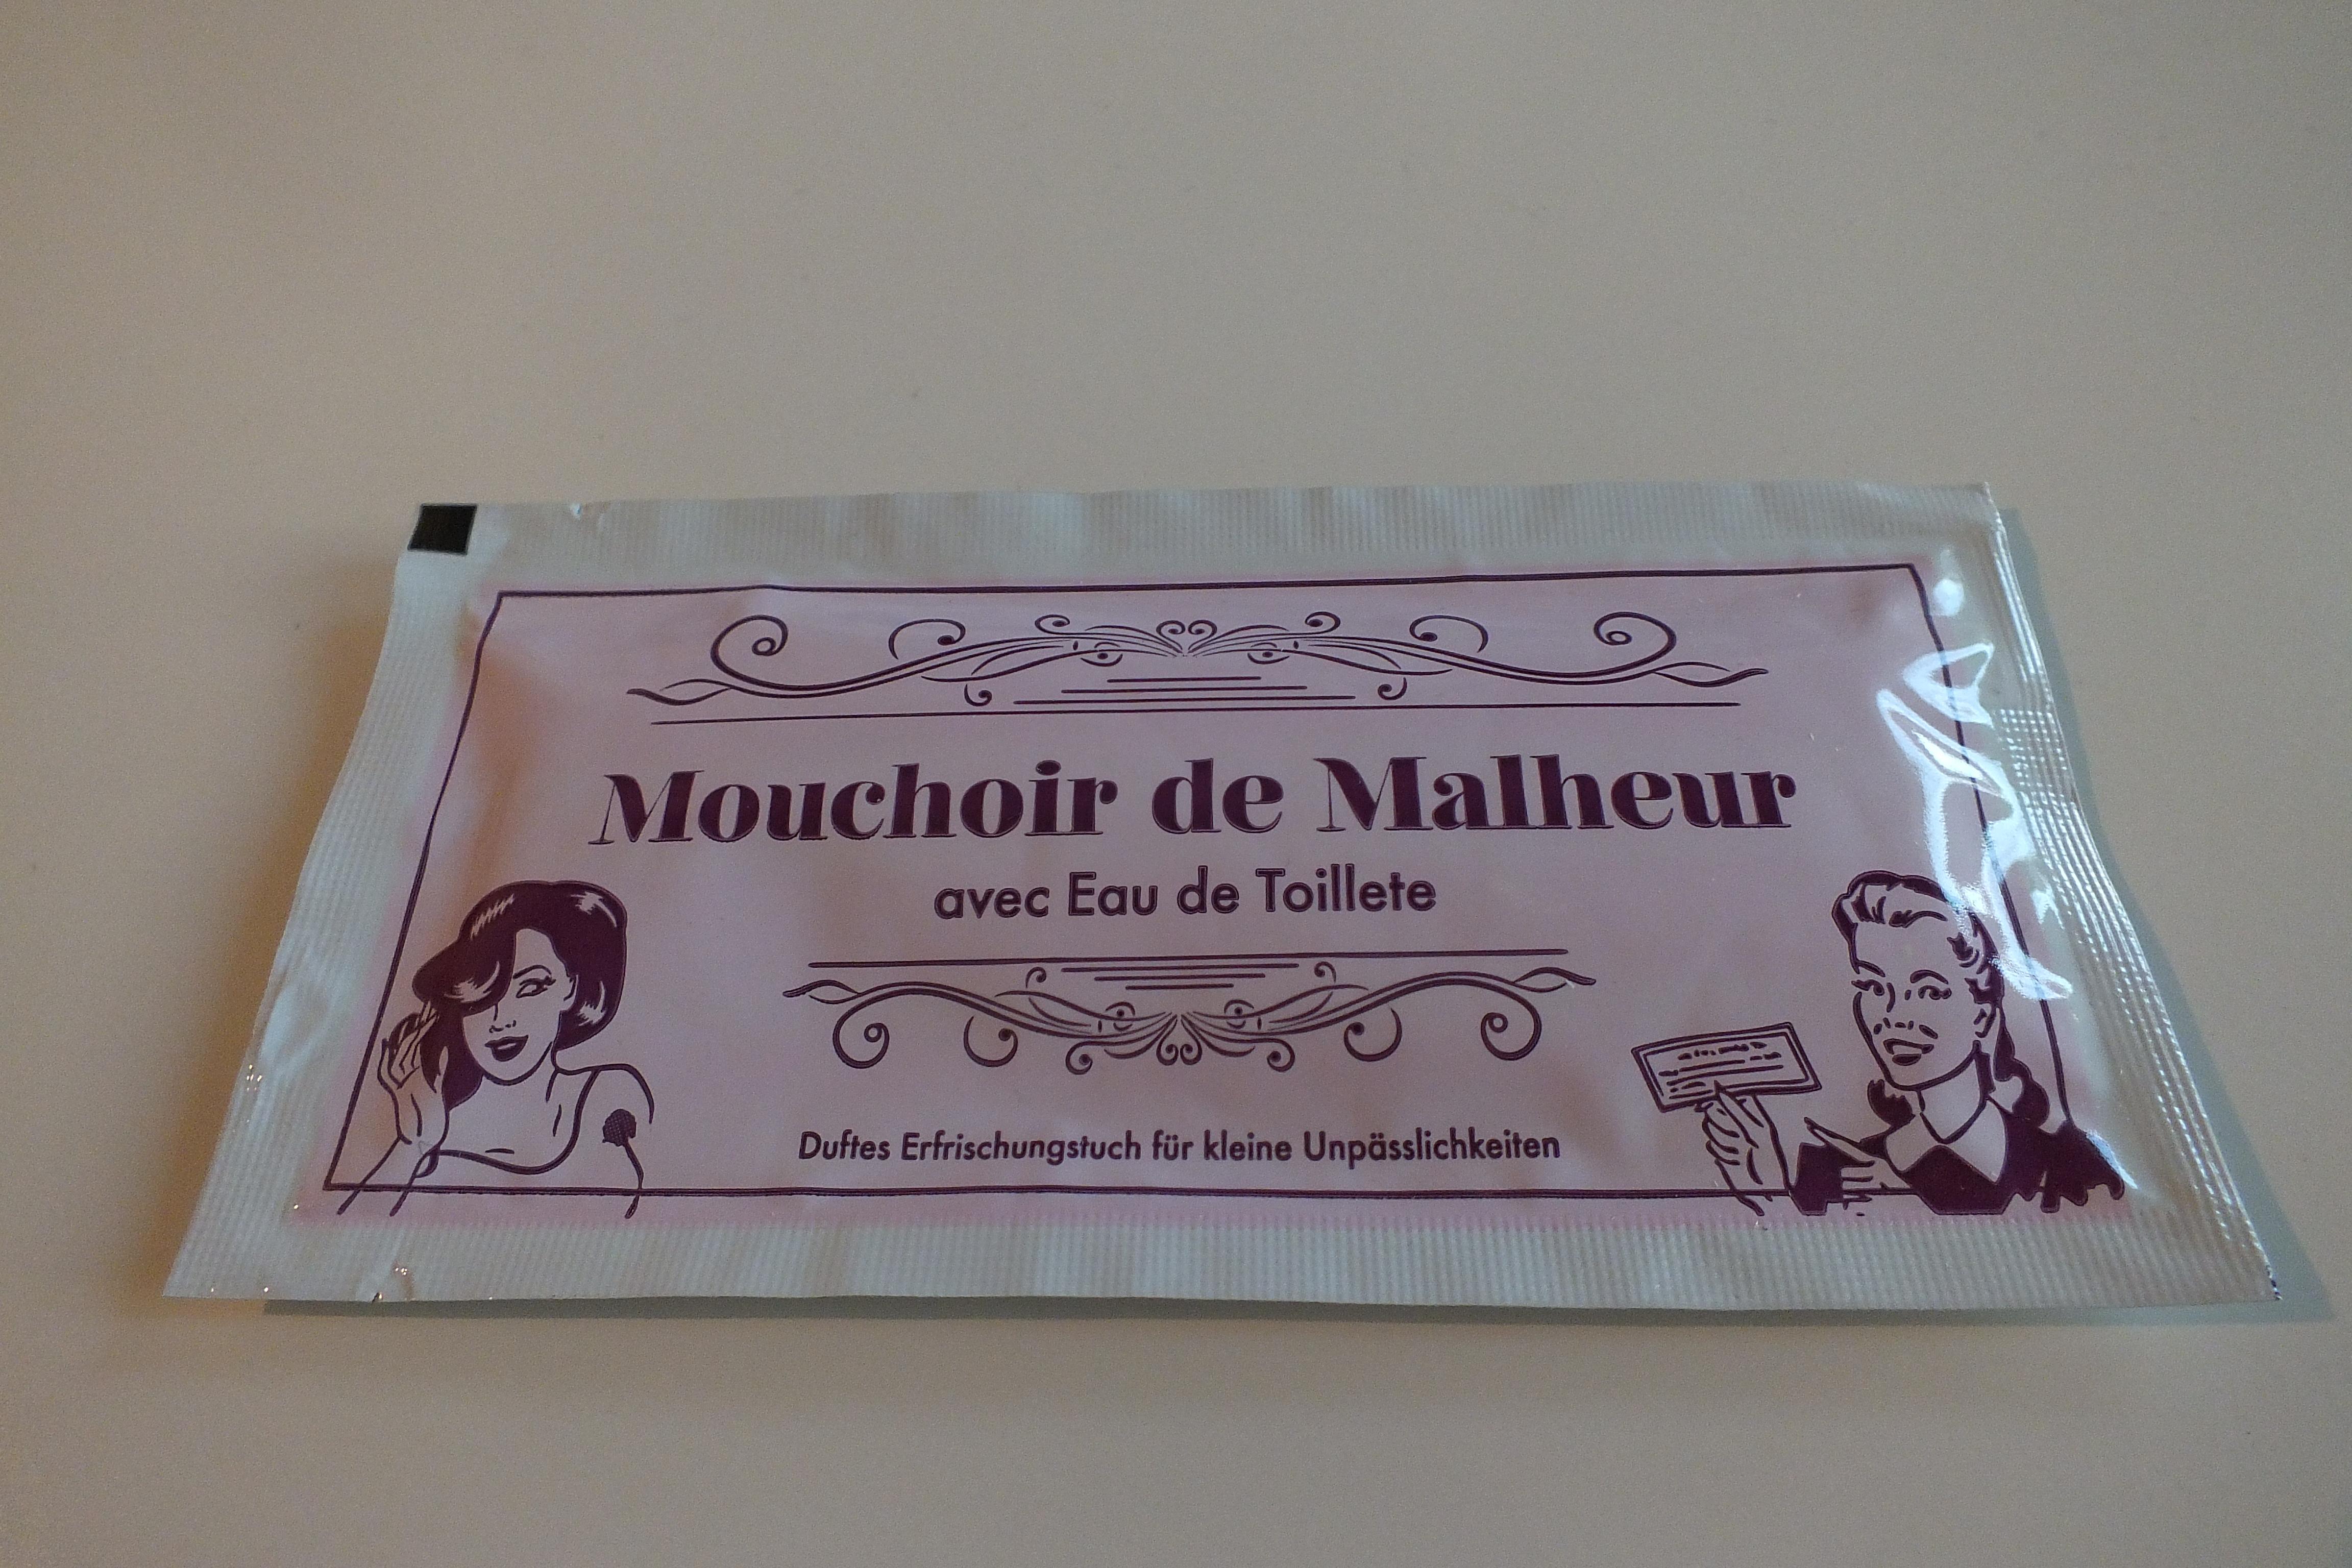 Erfrischungstuch Mouchoir de Malheur